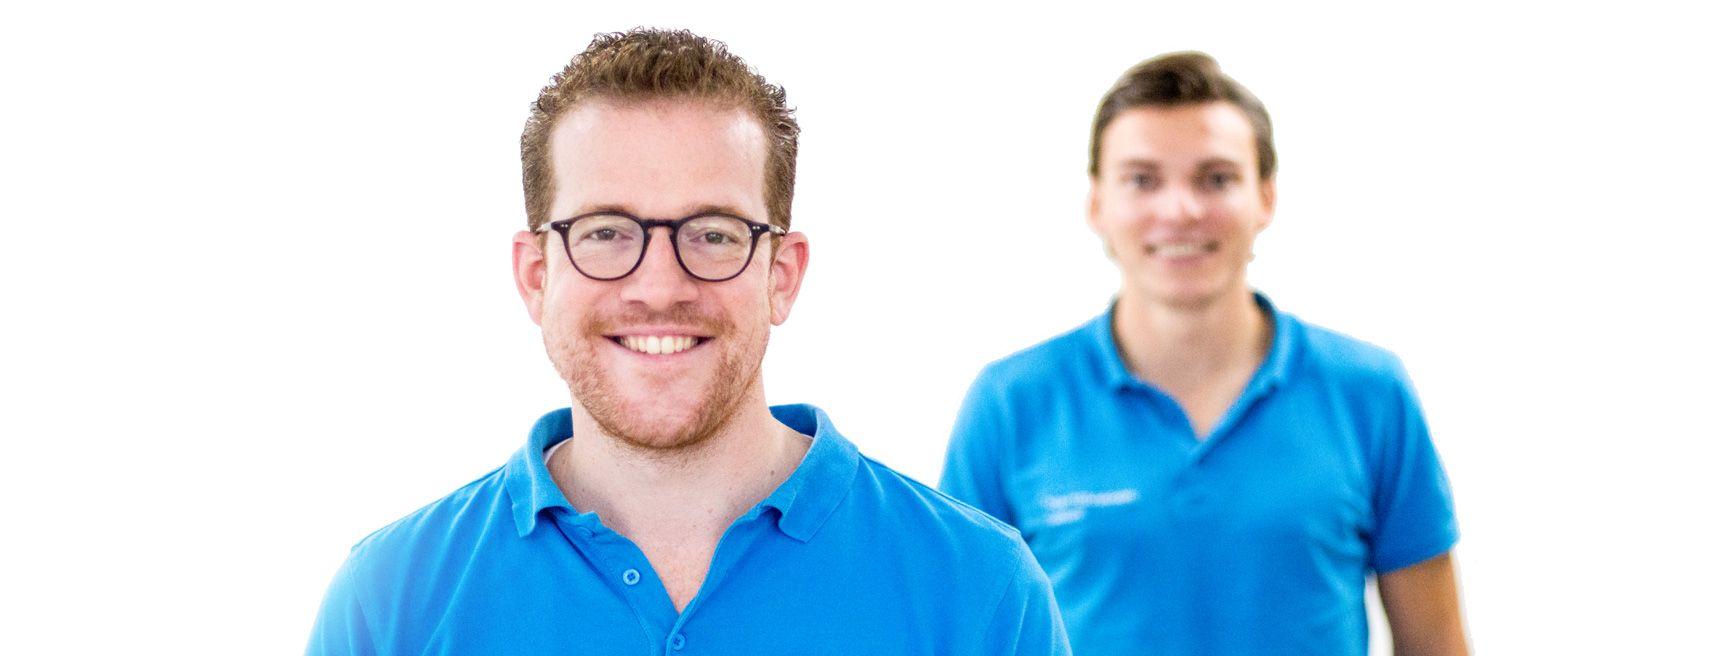 Tandarts in Apeldoorn: Wout Koster en Max Houtakkers